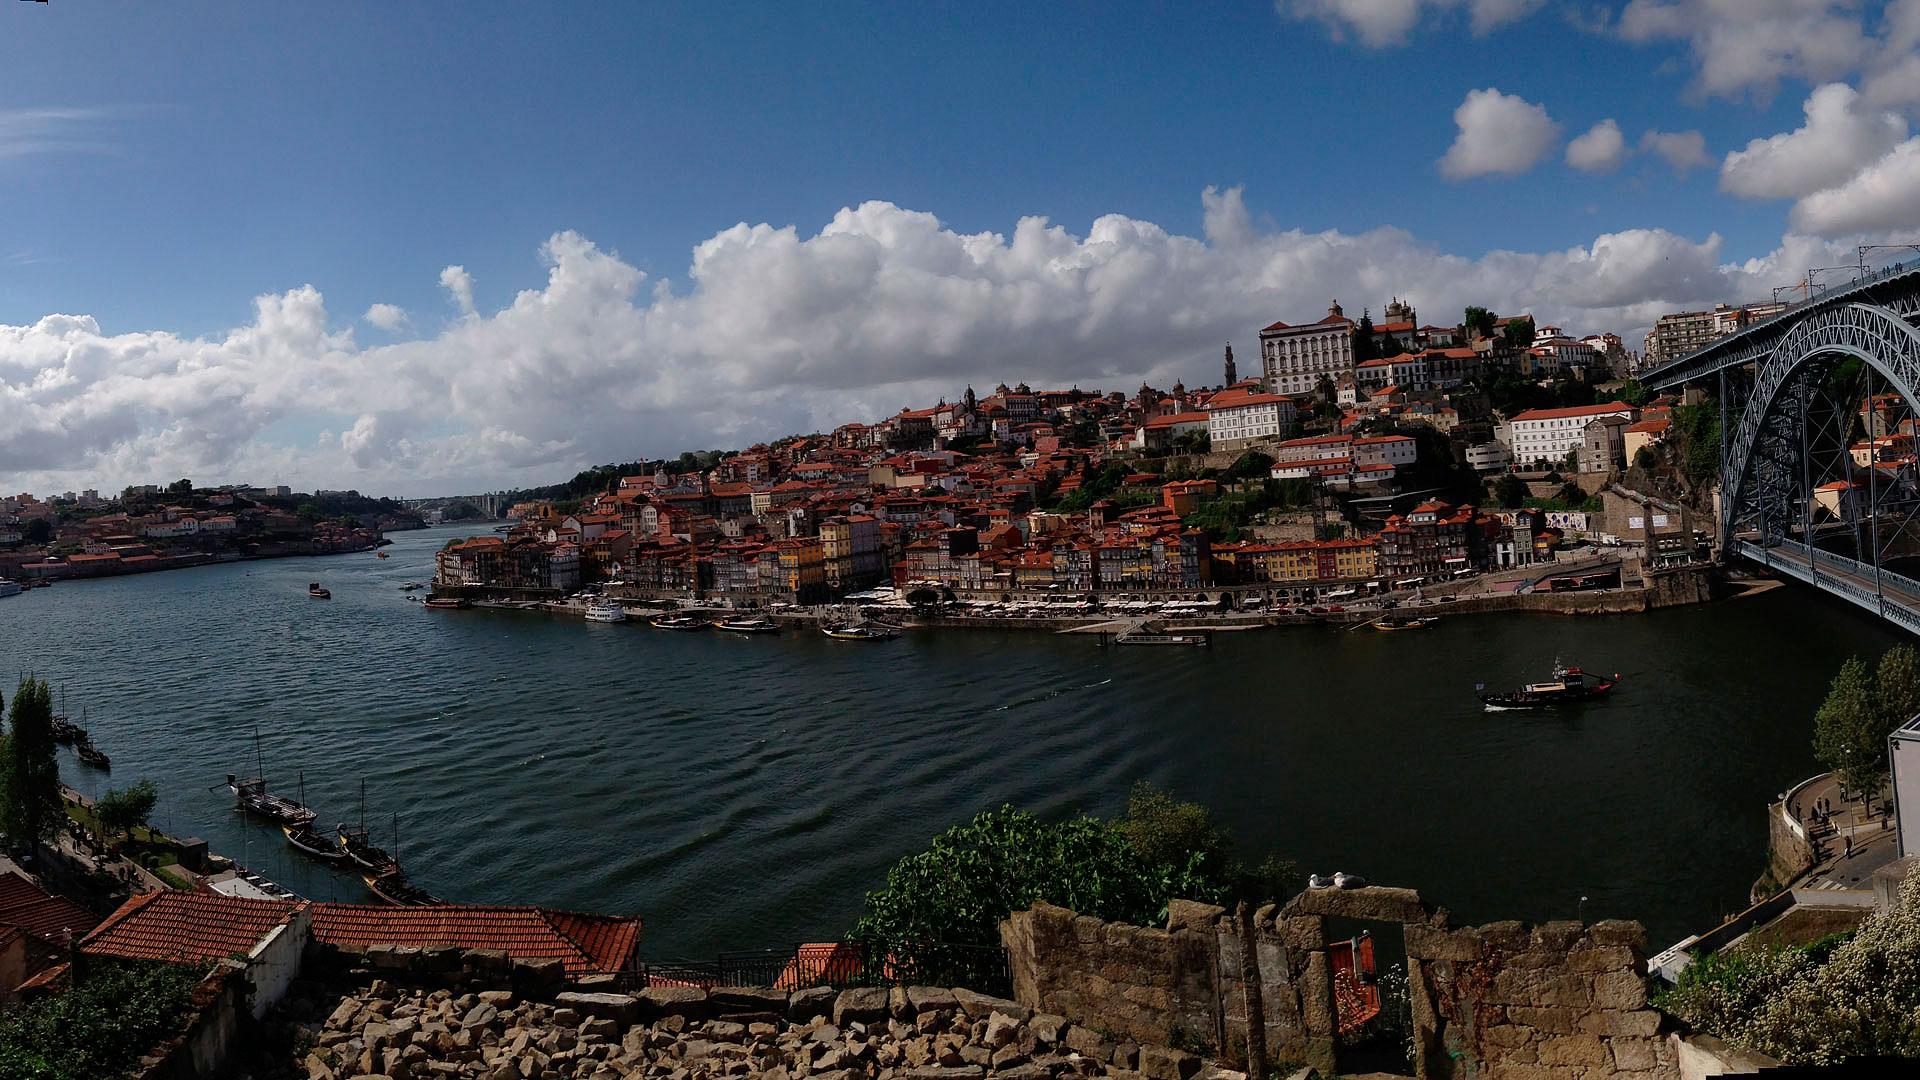 A unique landscape over both riverbands Porto & Gaia